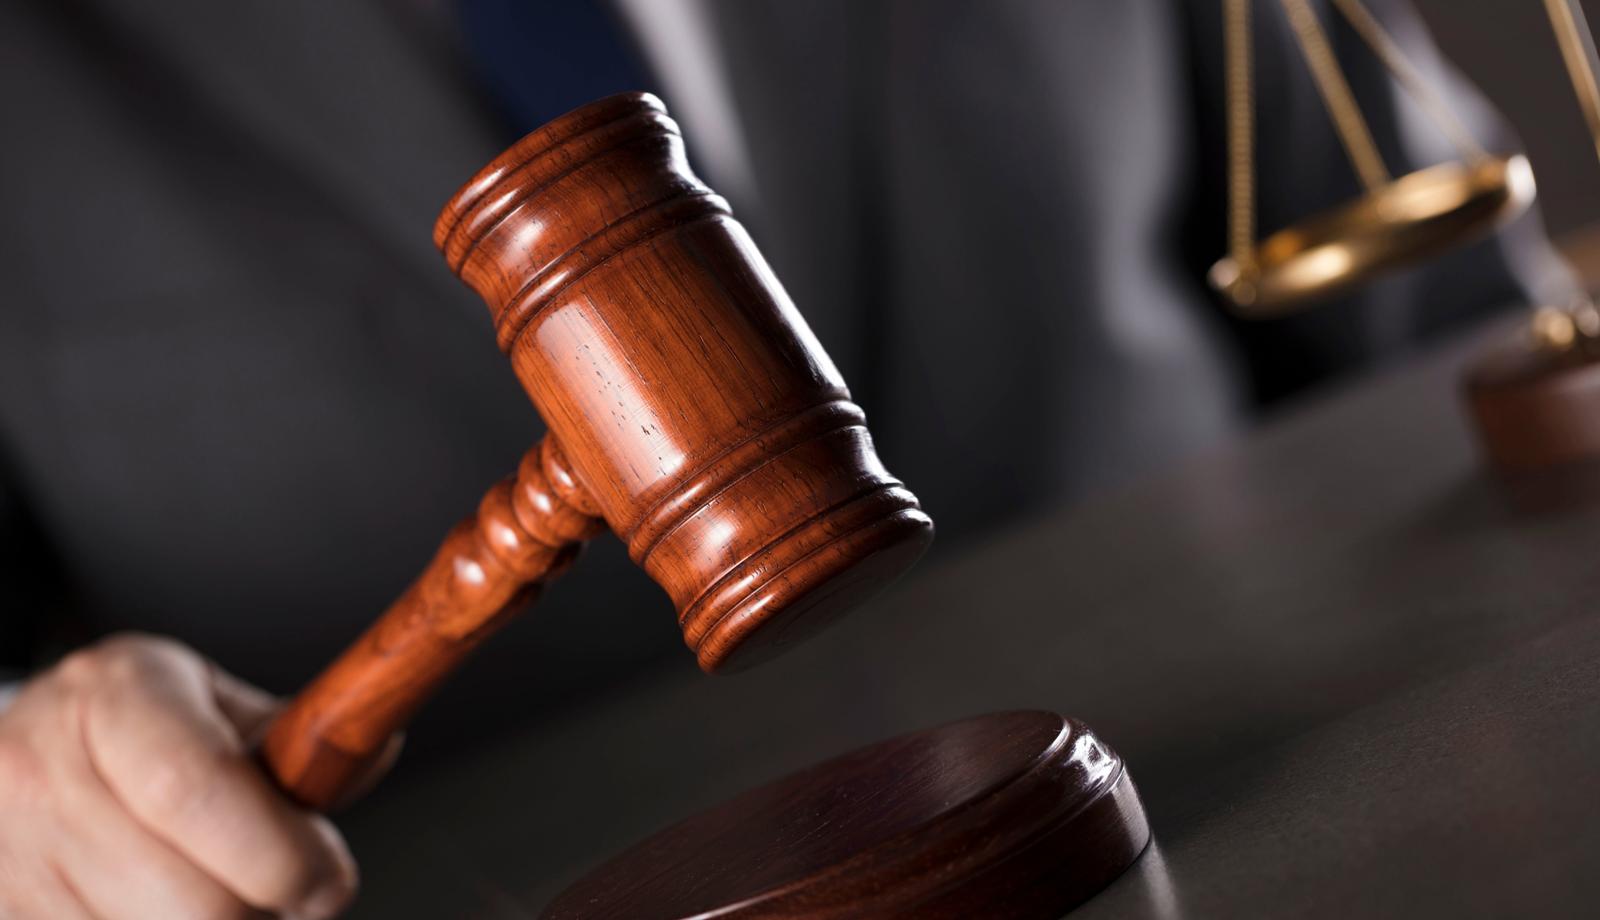 Asesoría Jurídica - El ABC de la Casación Penal en Colombia